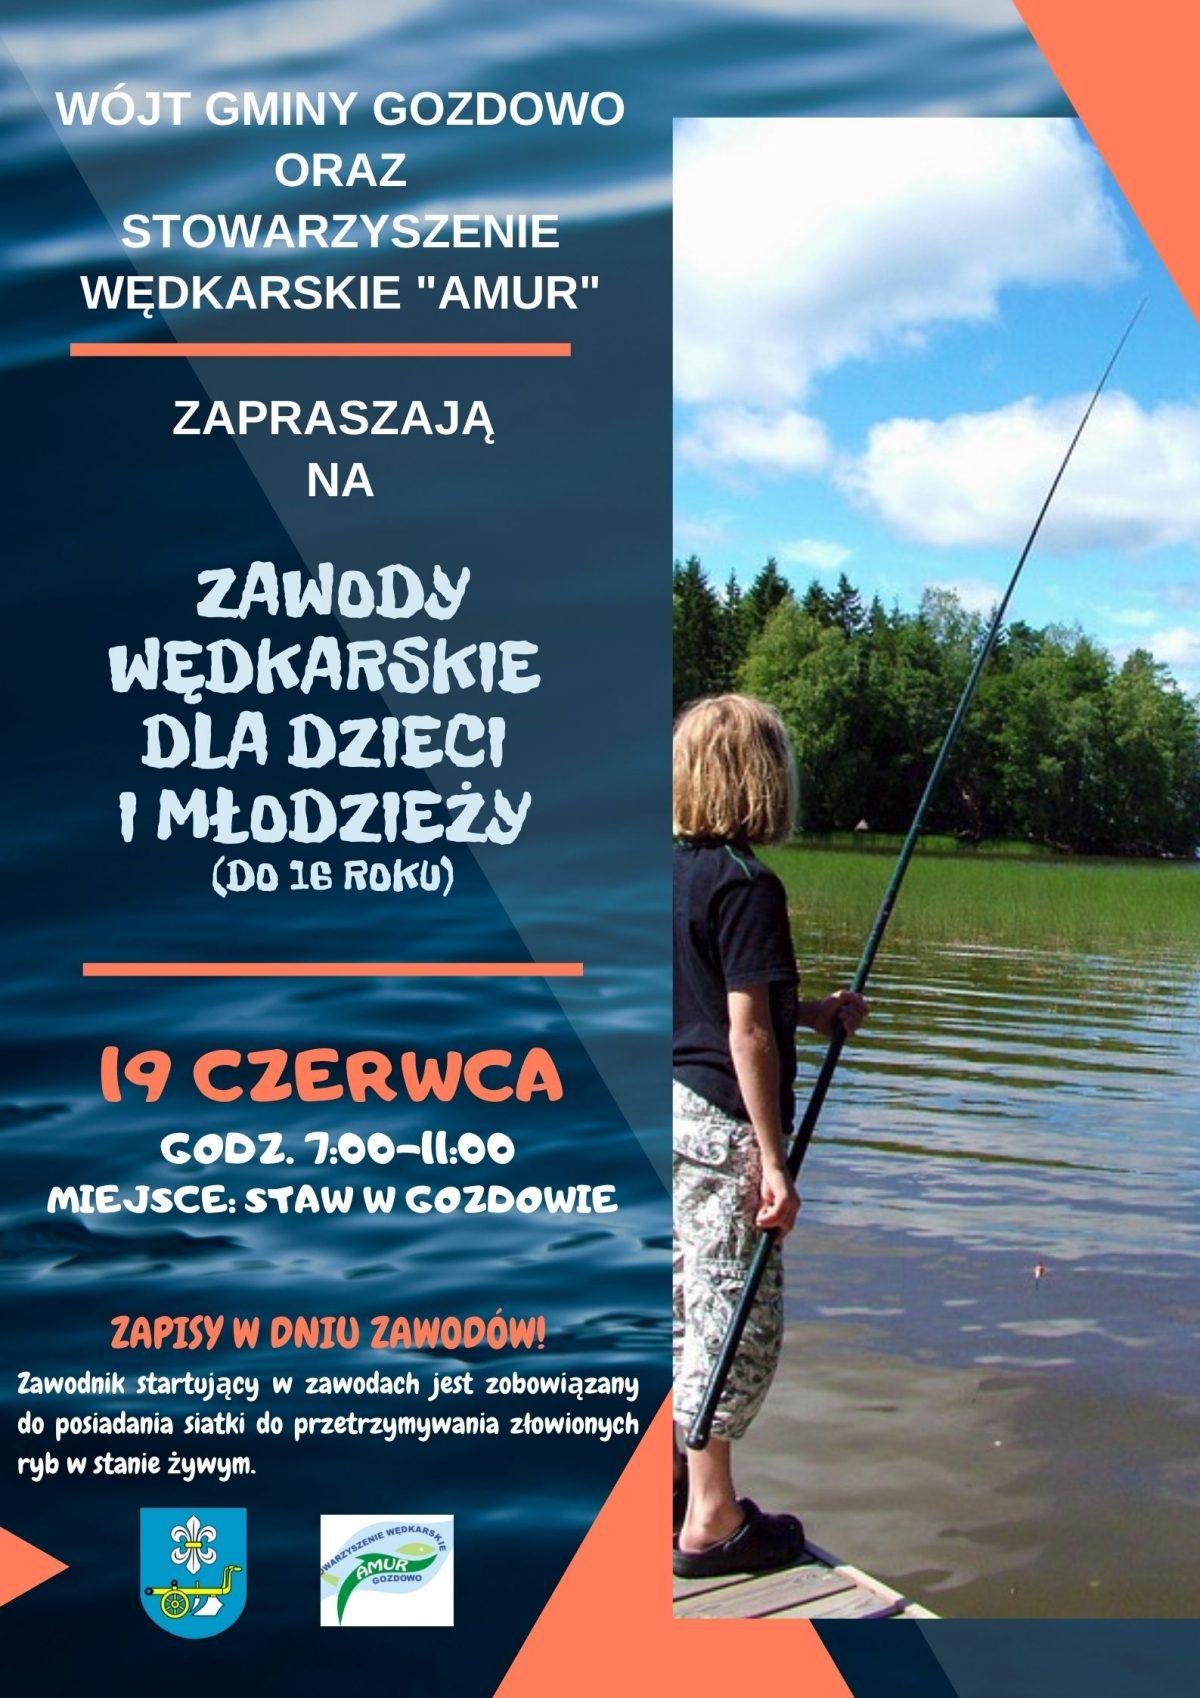 Zaproszenie – Zawody Wędkarskie dla dzieci i młodzieży.